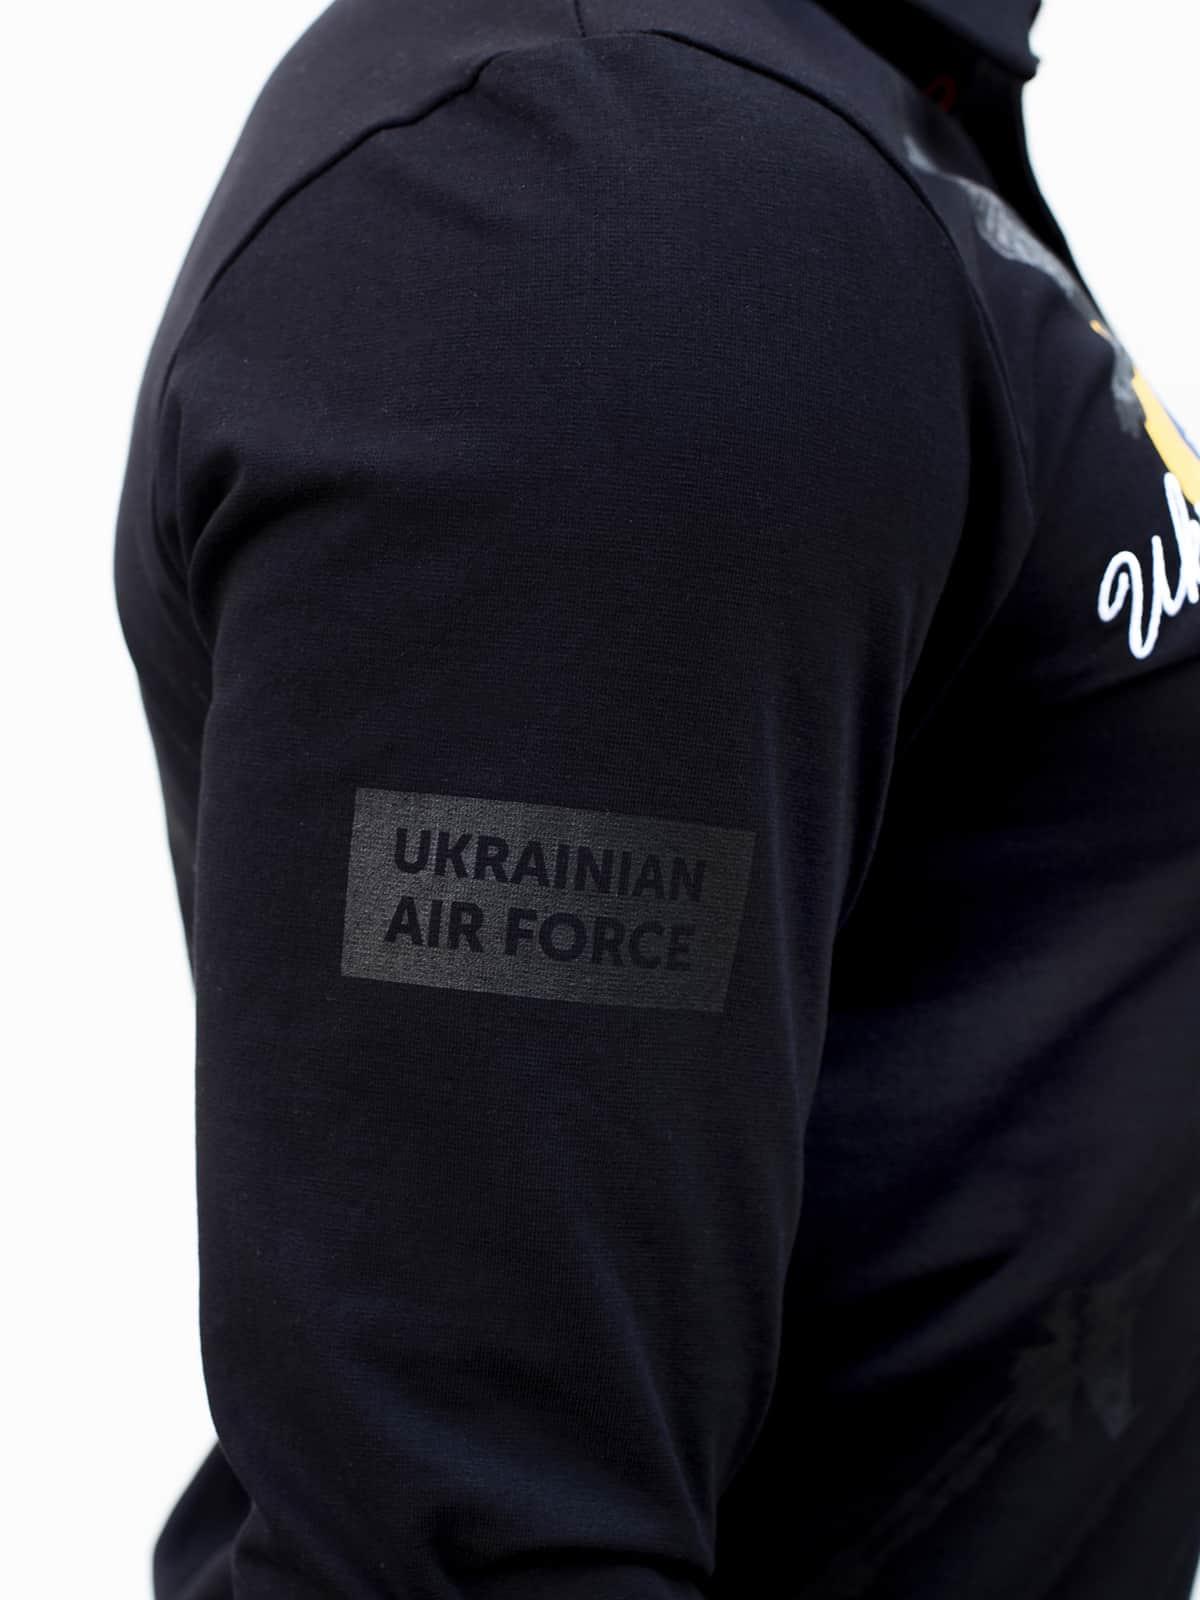 Men's Polo Long Ukrainian Falcons. Color black.  Size worn by the model: L.